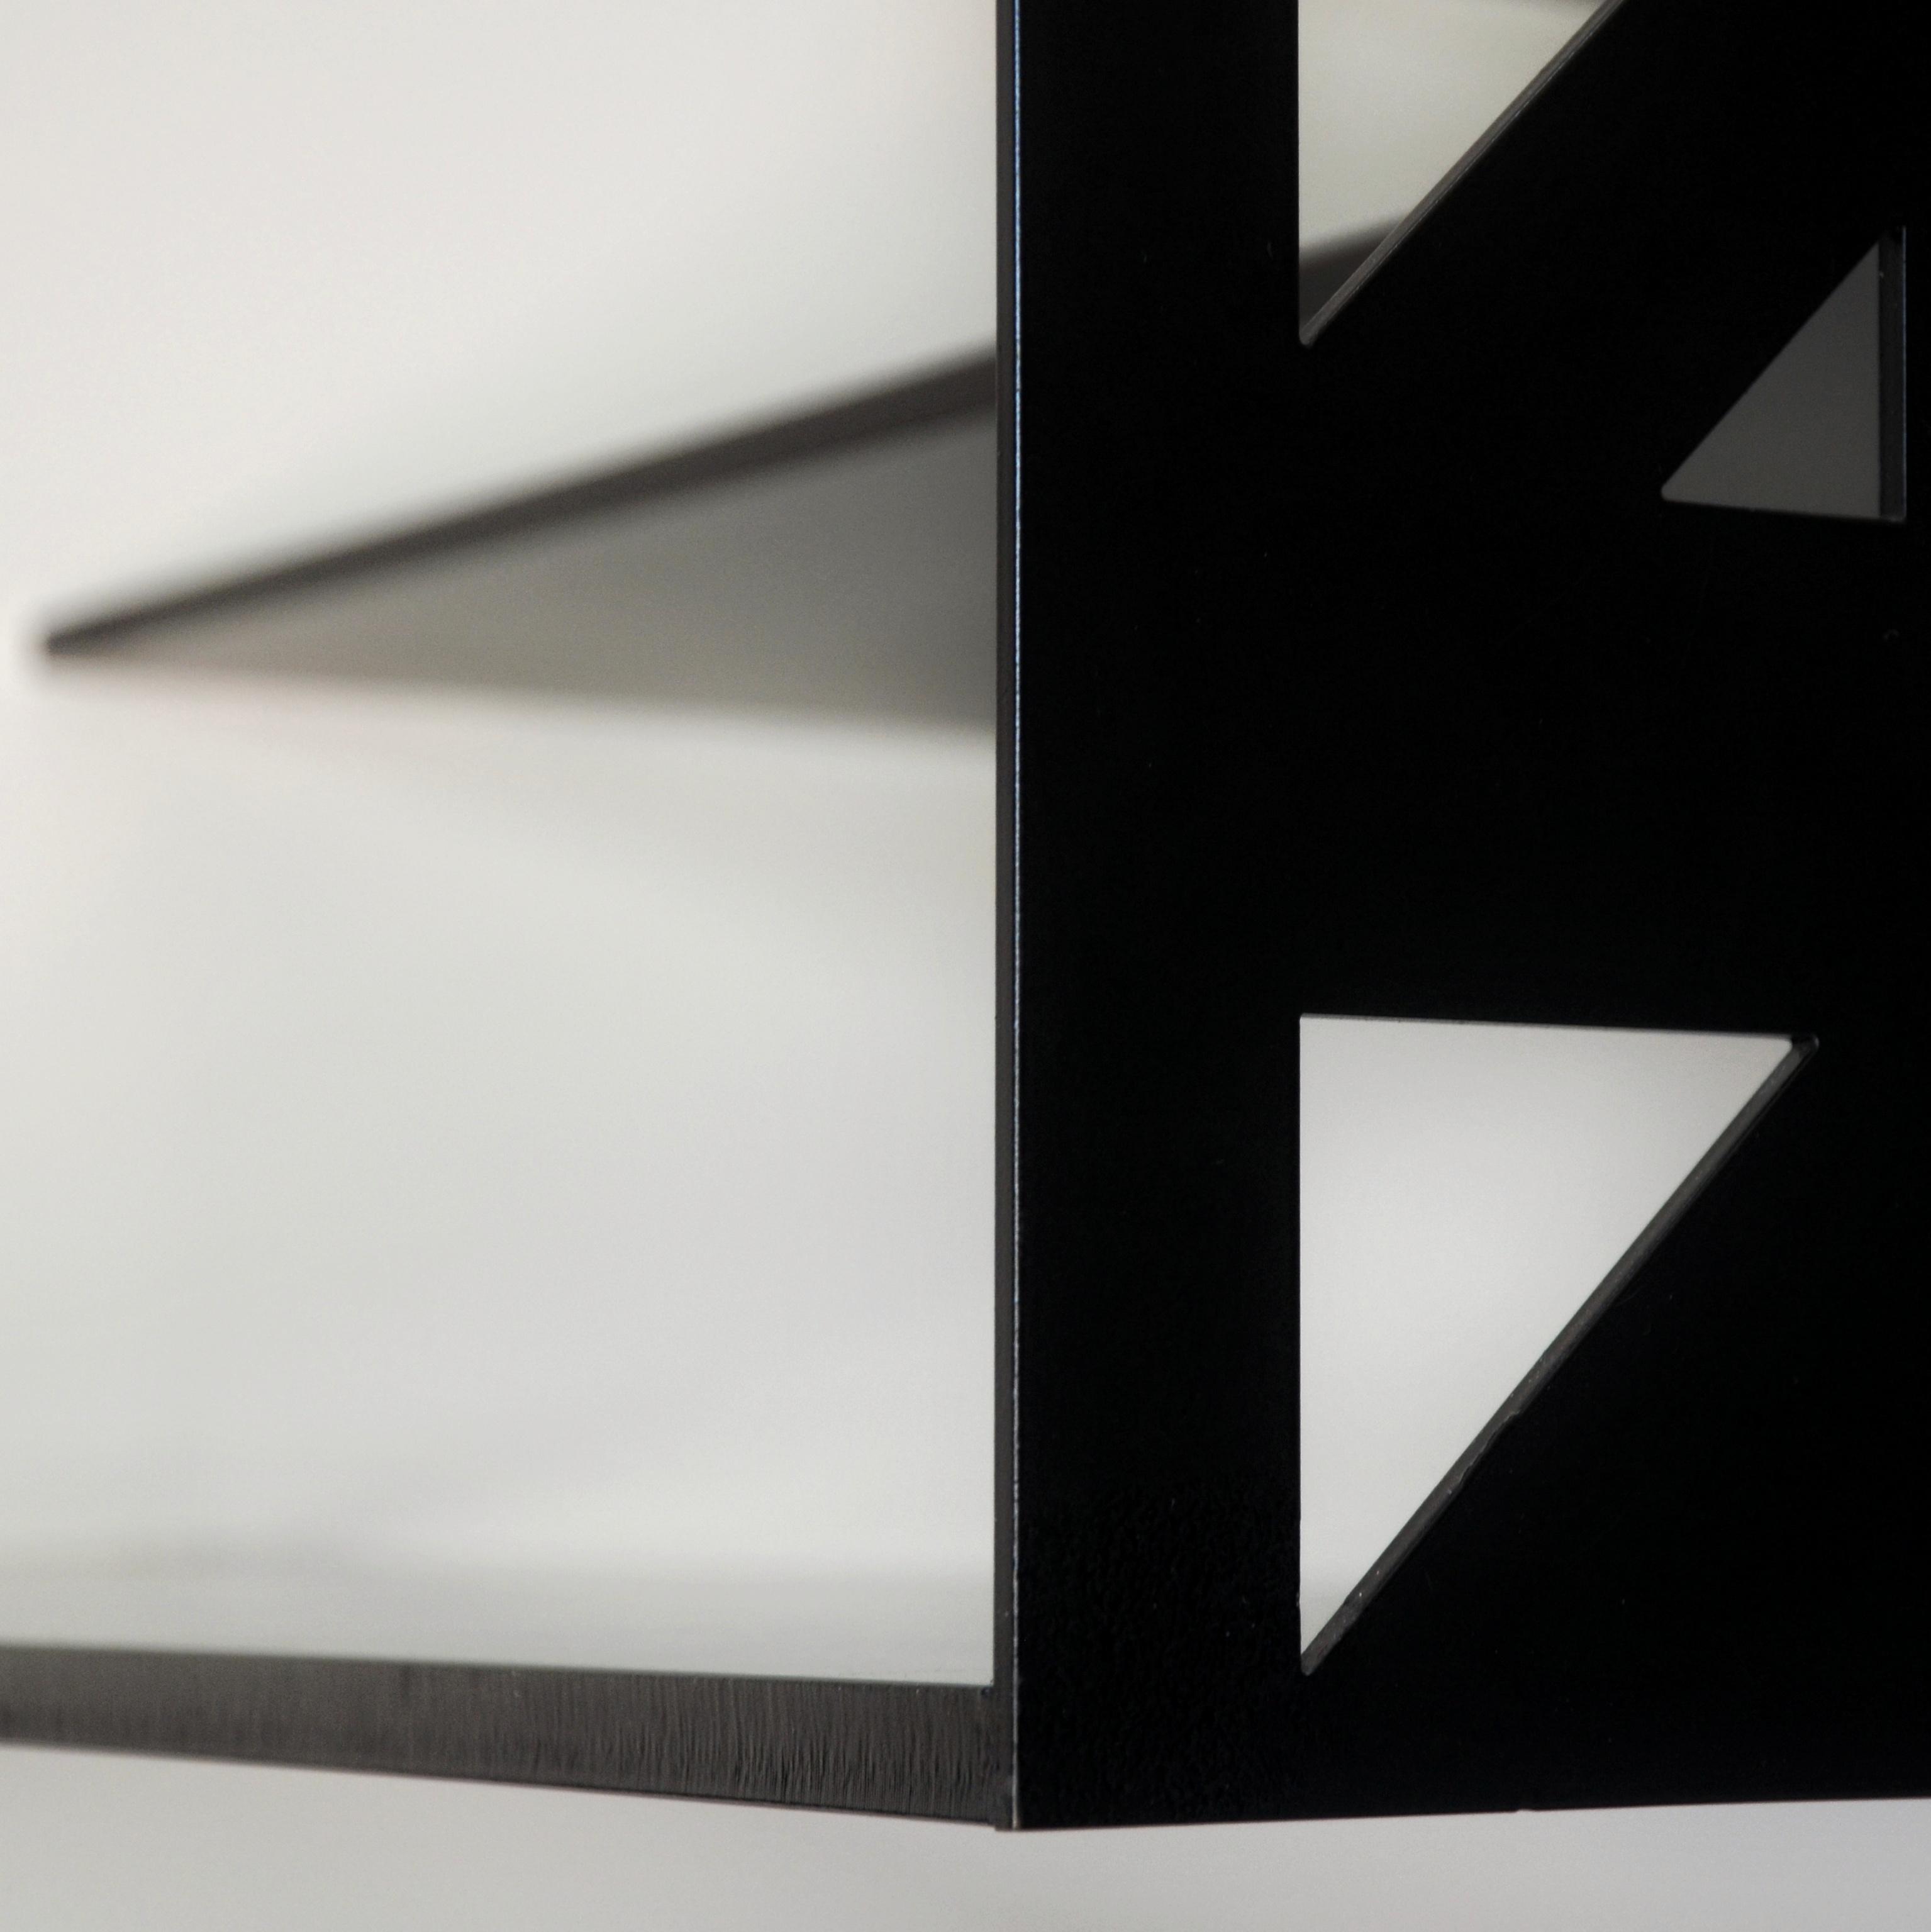 dettaglio della scala realizzata da Sandro Cerioni su disegno dell'architetto francesco valentini